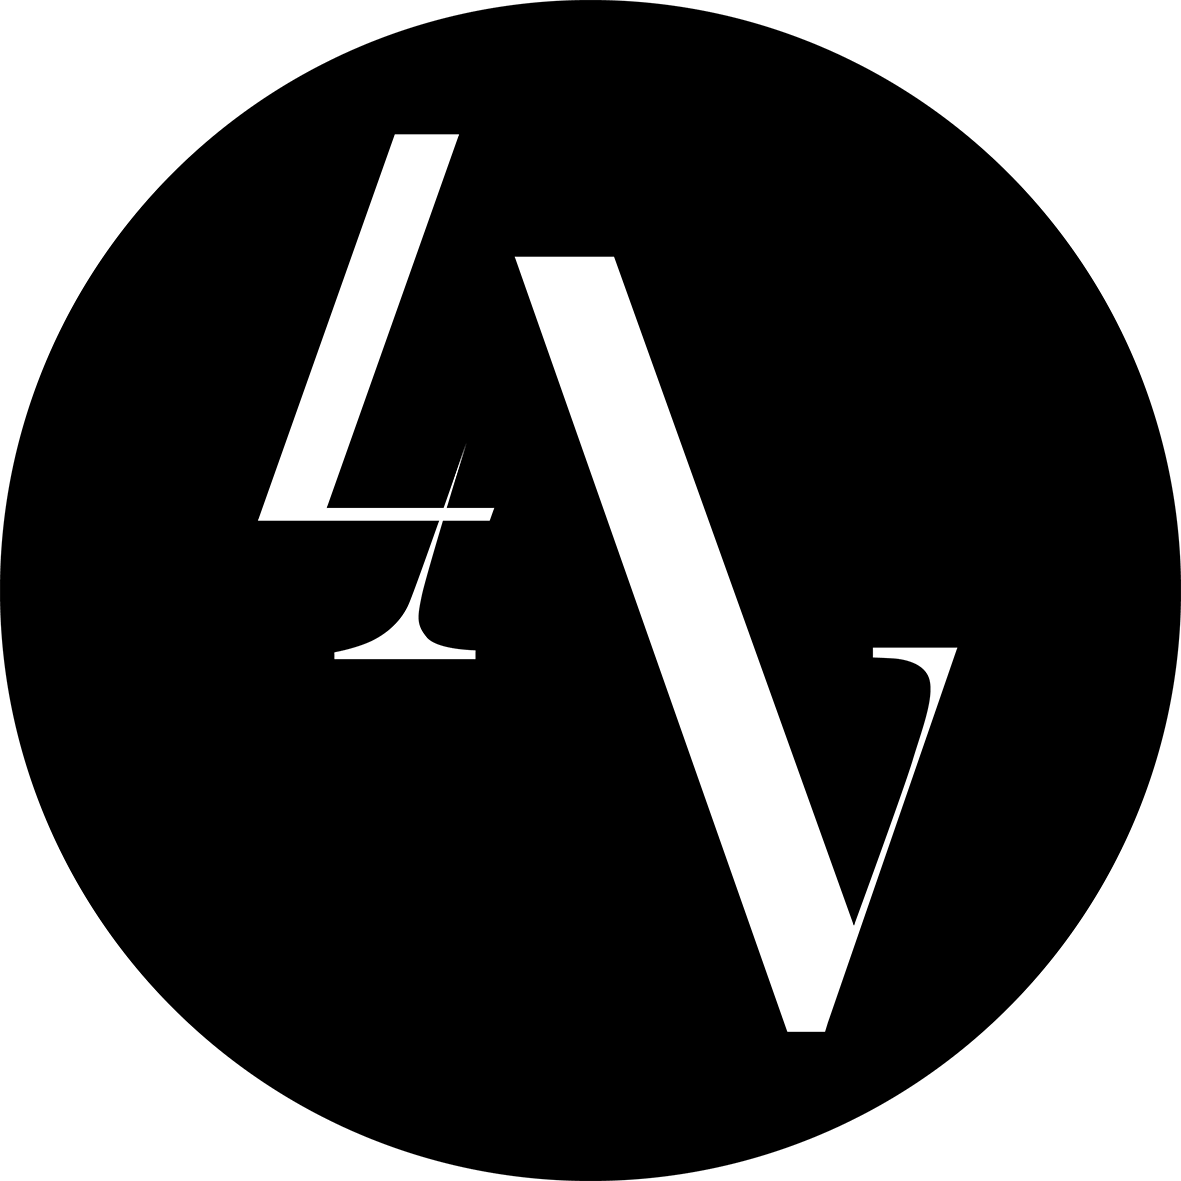 aq_block_18